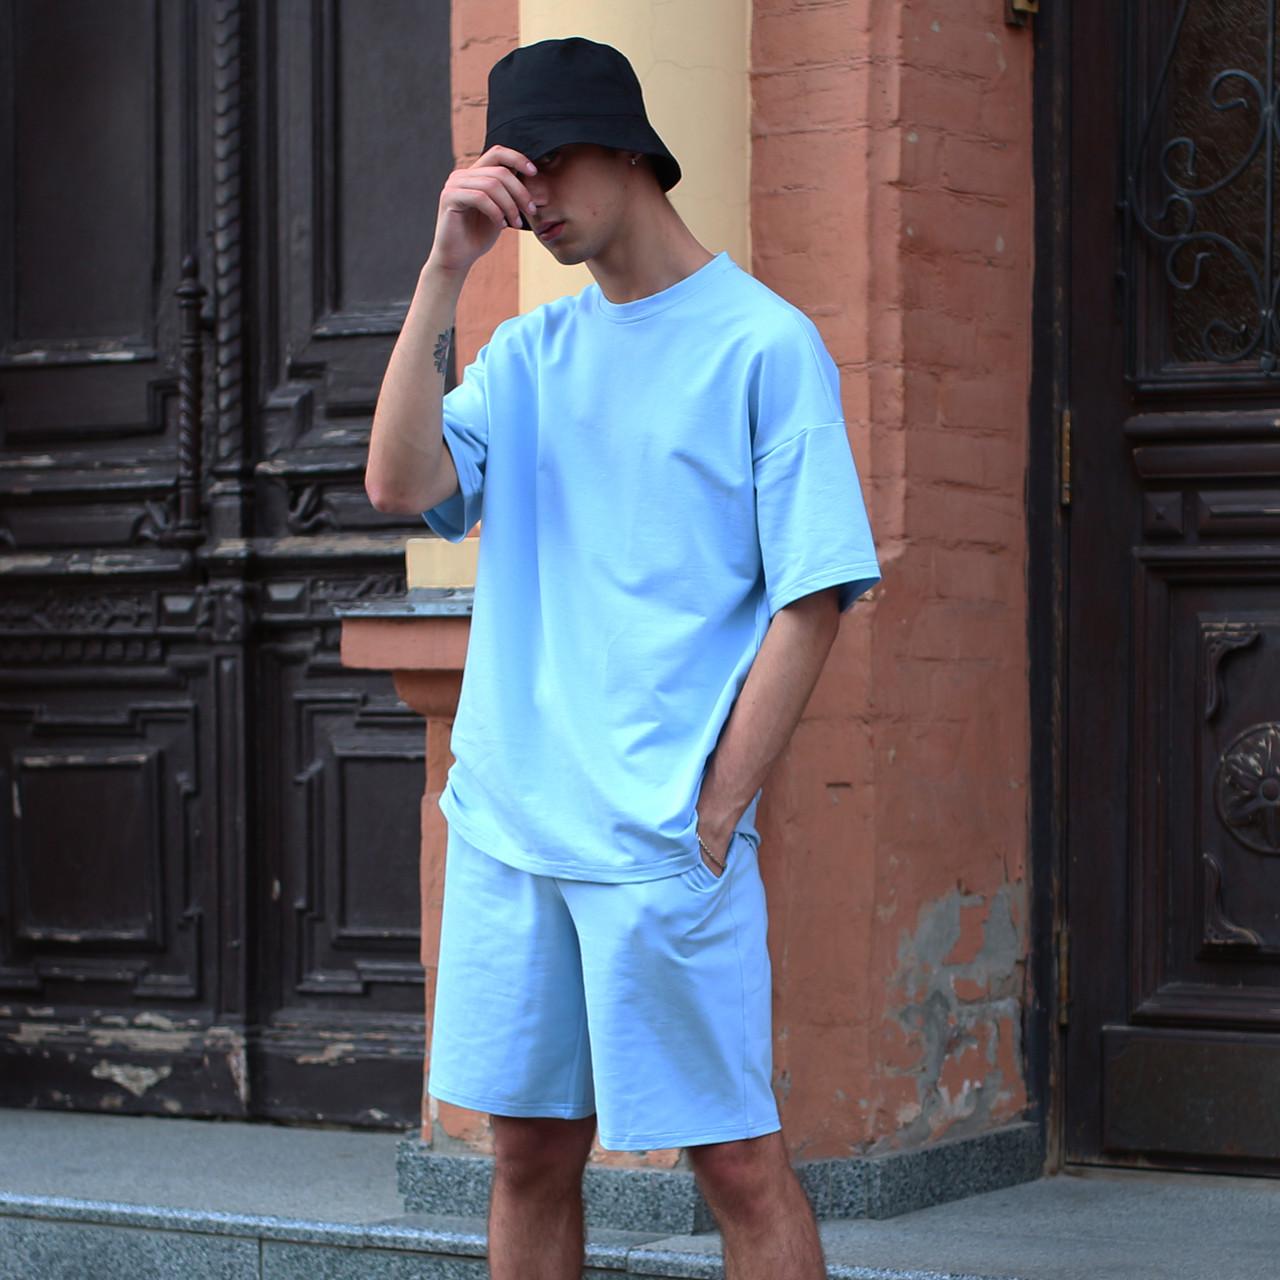 Шорты мужские голубые бренд ТУР модель Duncan (Дункан) размер S, M, L, XL M